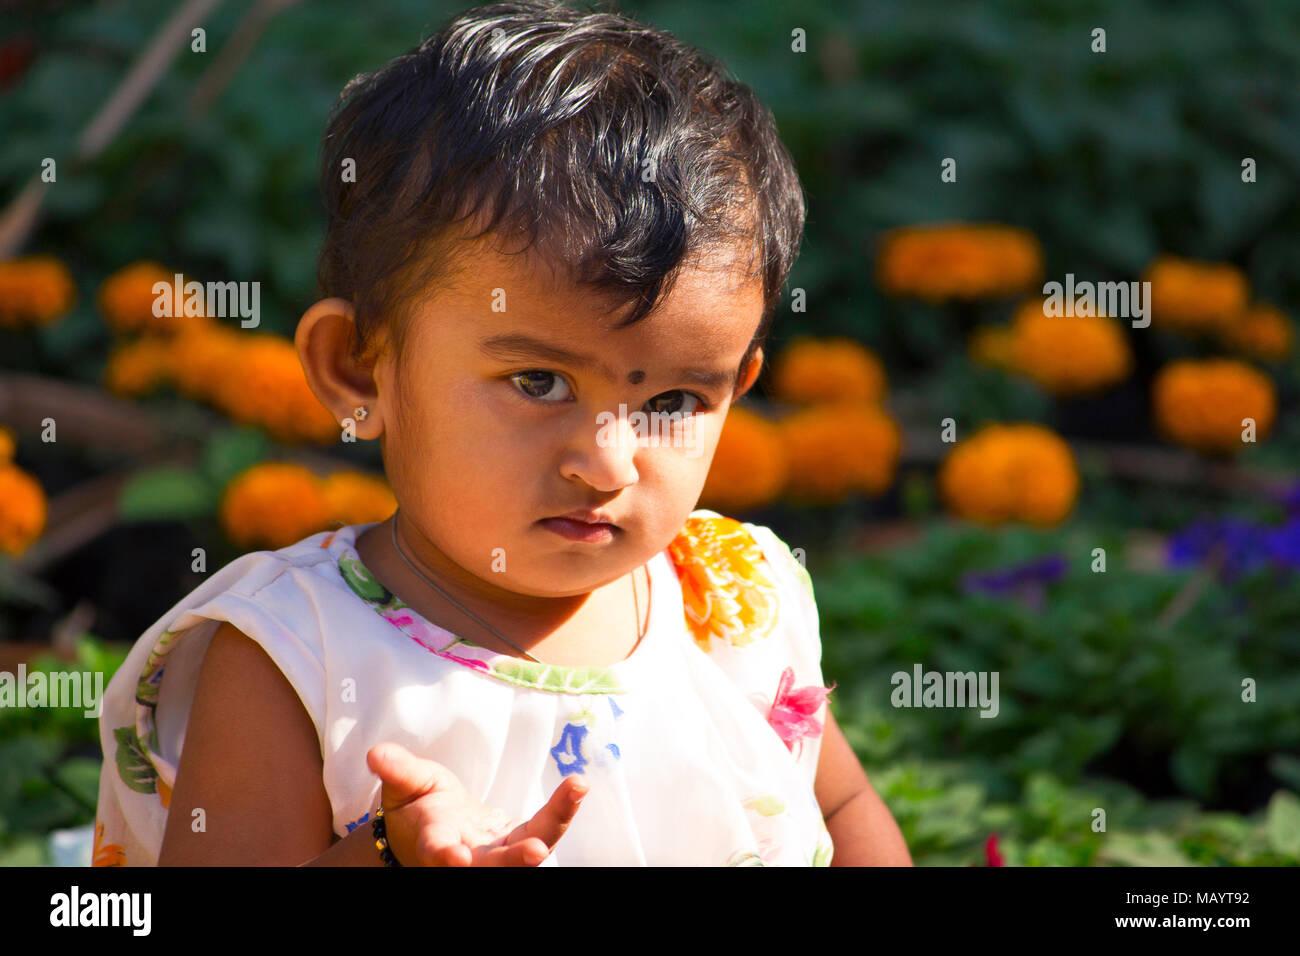 Mein Sohn datiert ein indisches Mädchen Jon Schnee und daenerys im echten Leben